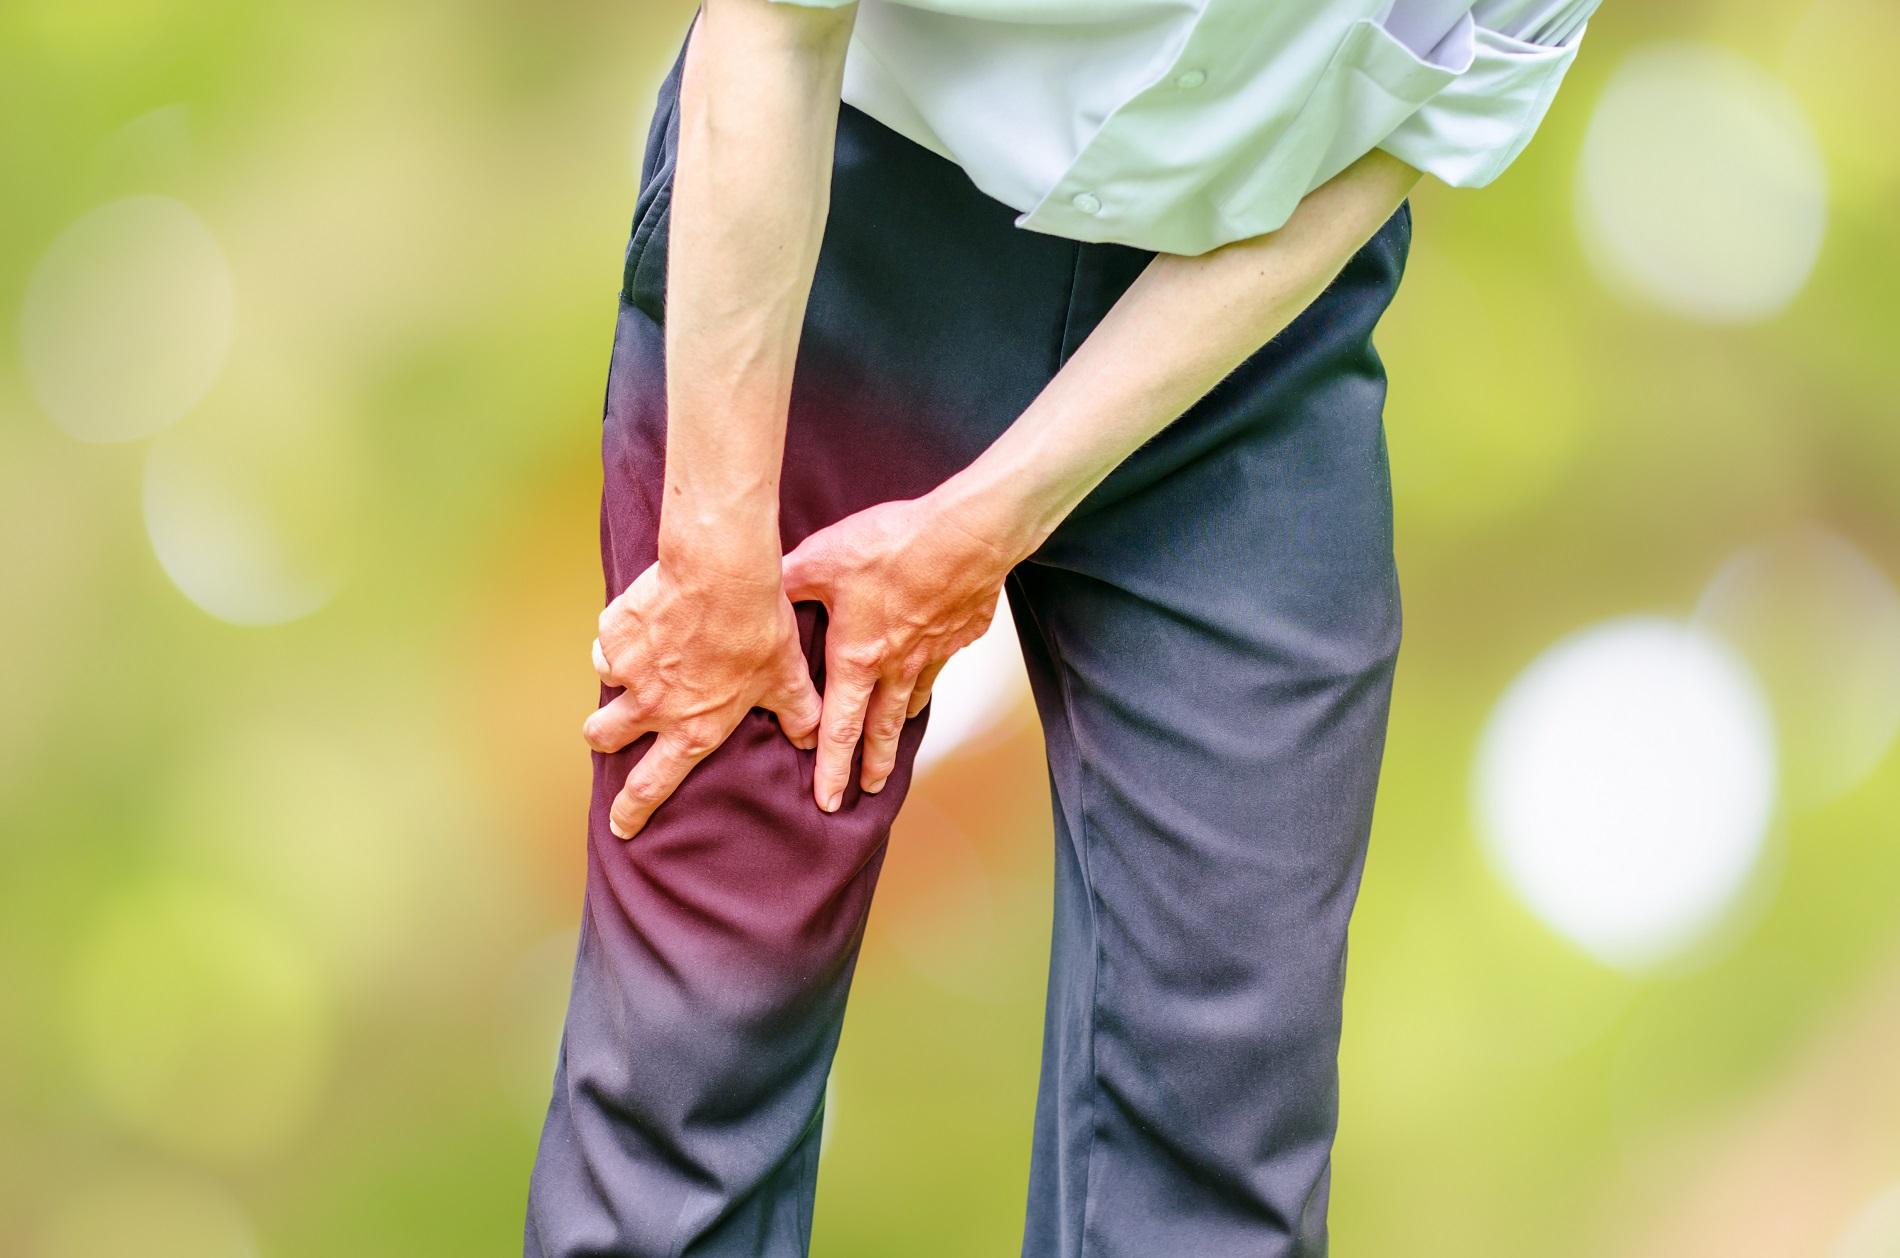 örökletes kötőszövet-rendellenességek kezelése éles térdfájdalom a kiterjesztés során